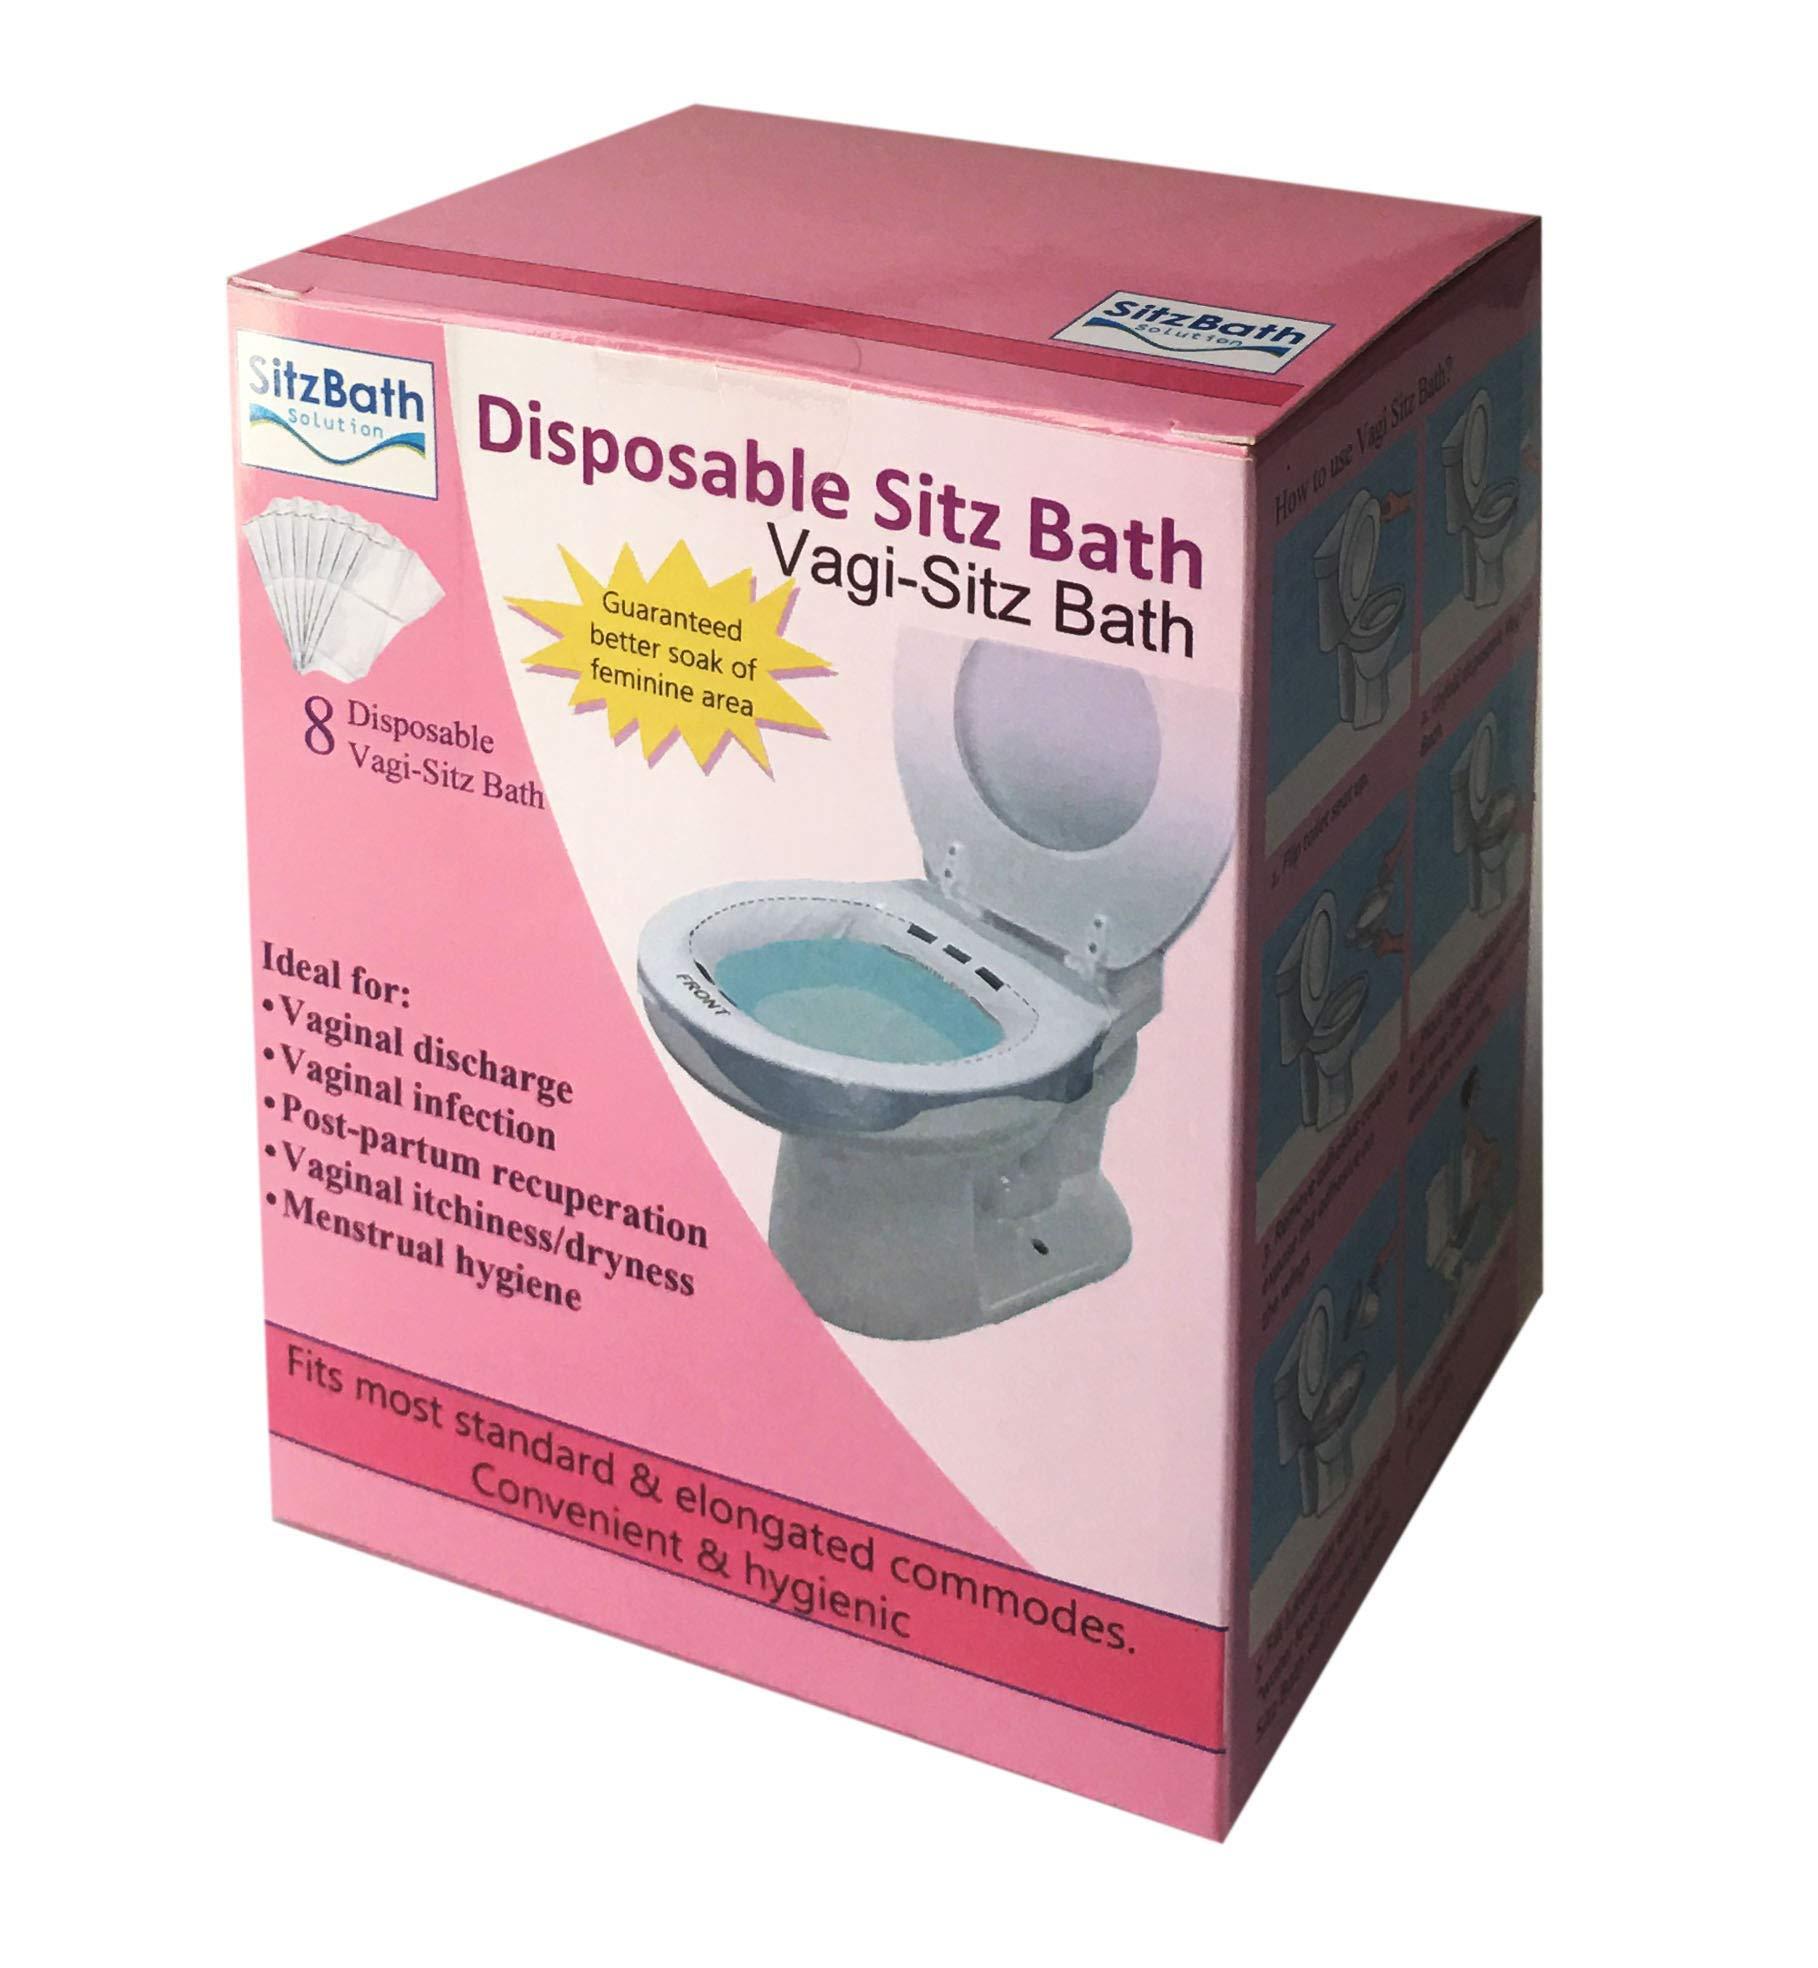 Disposable Sitz Bath by Vagi-Sitz Bath